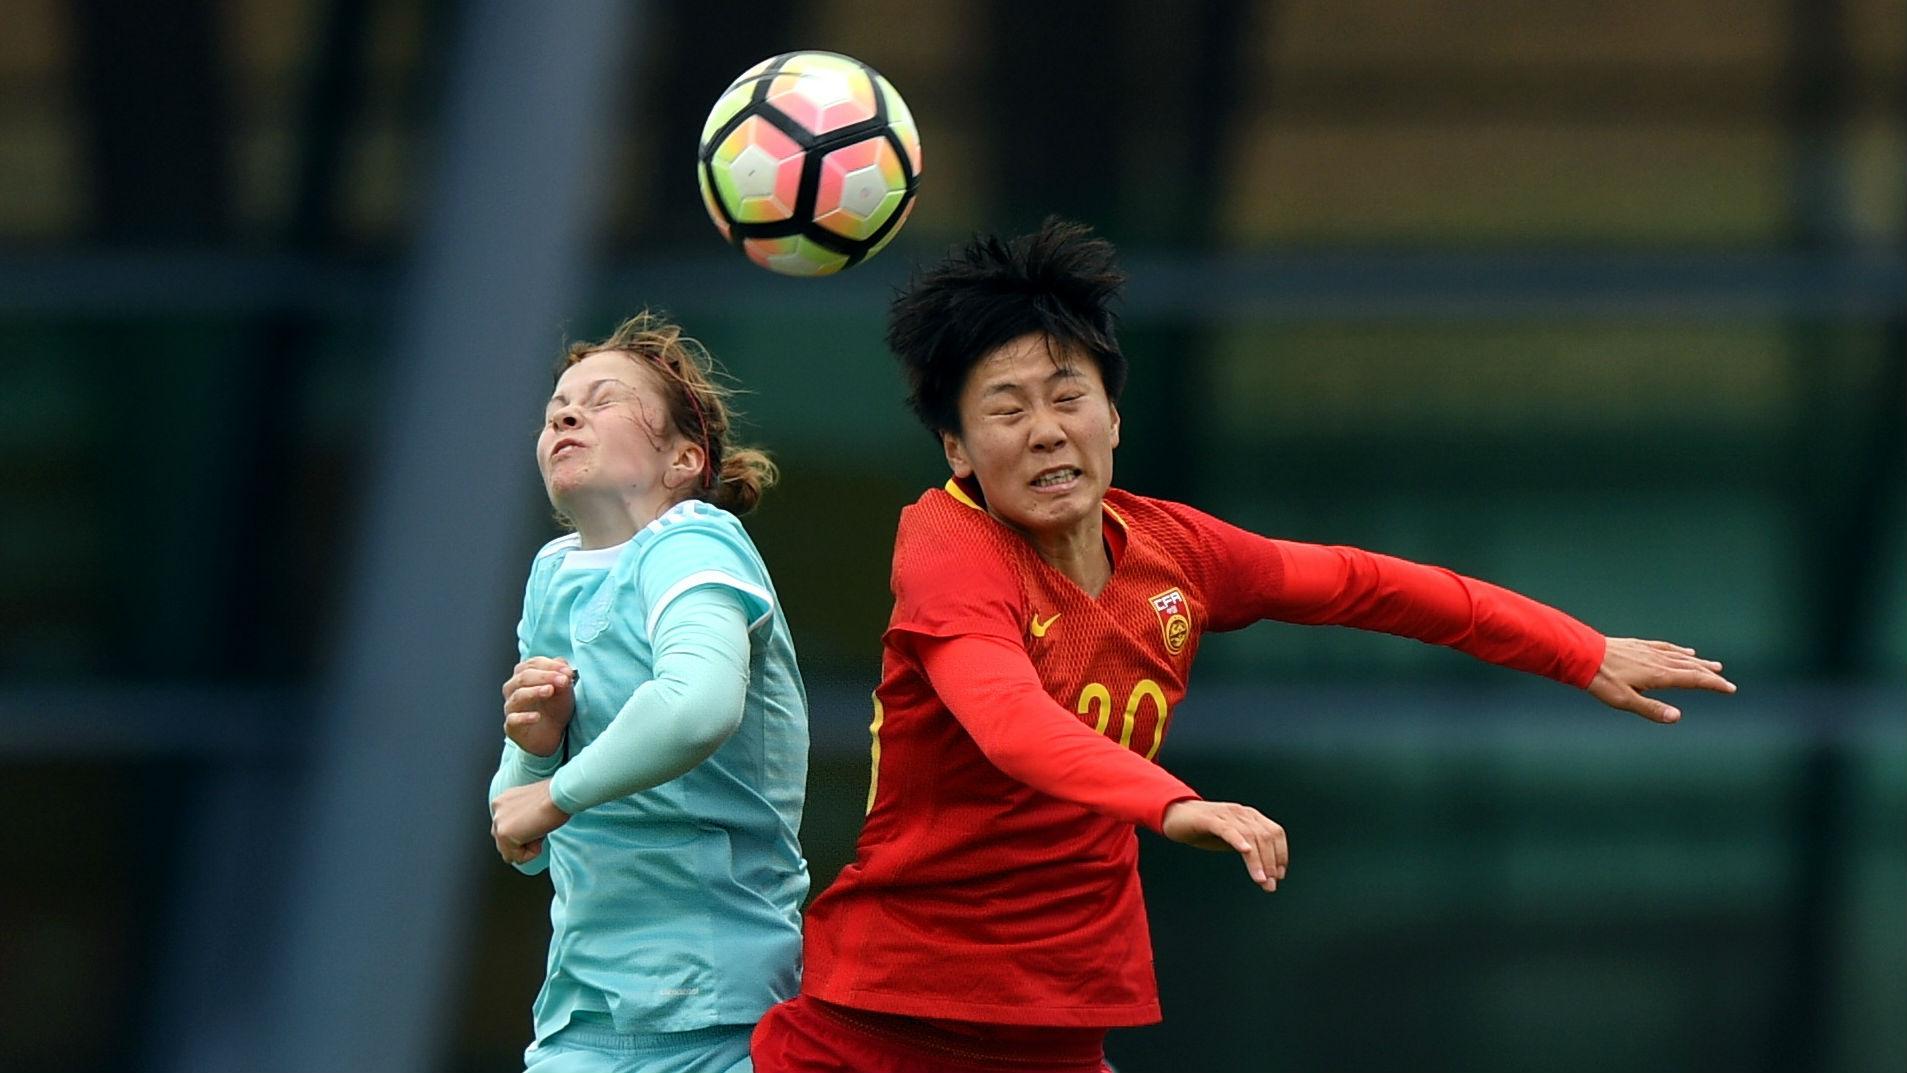 中国女足阿尔加夫杯位列倒数第二 更换冰岛主帅反倒重回低谷